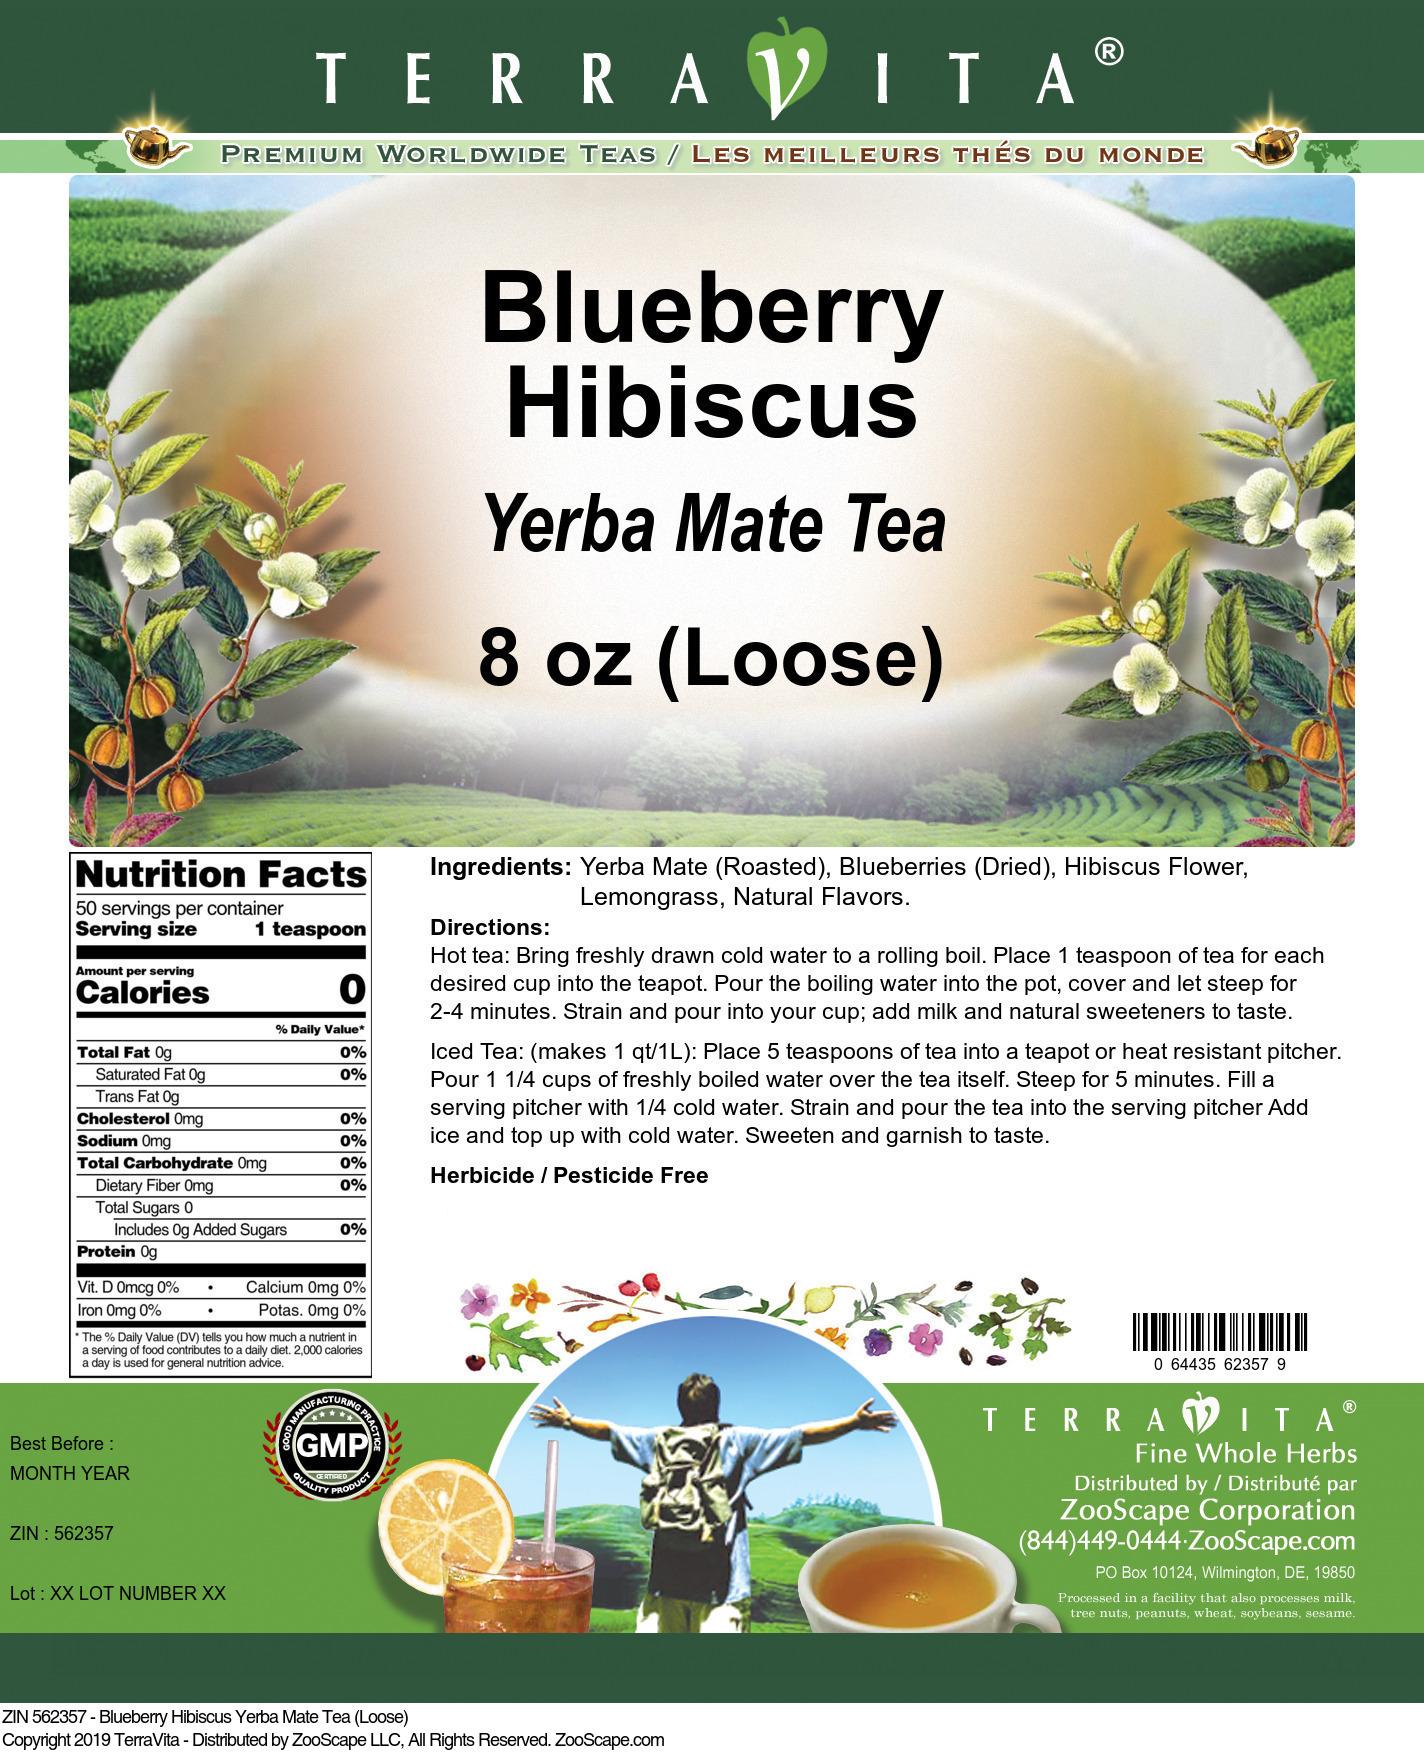 Blueberry Hibiscus Yerba Mate